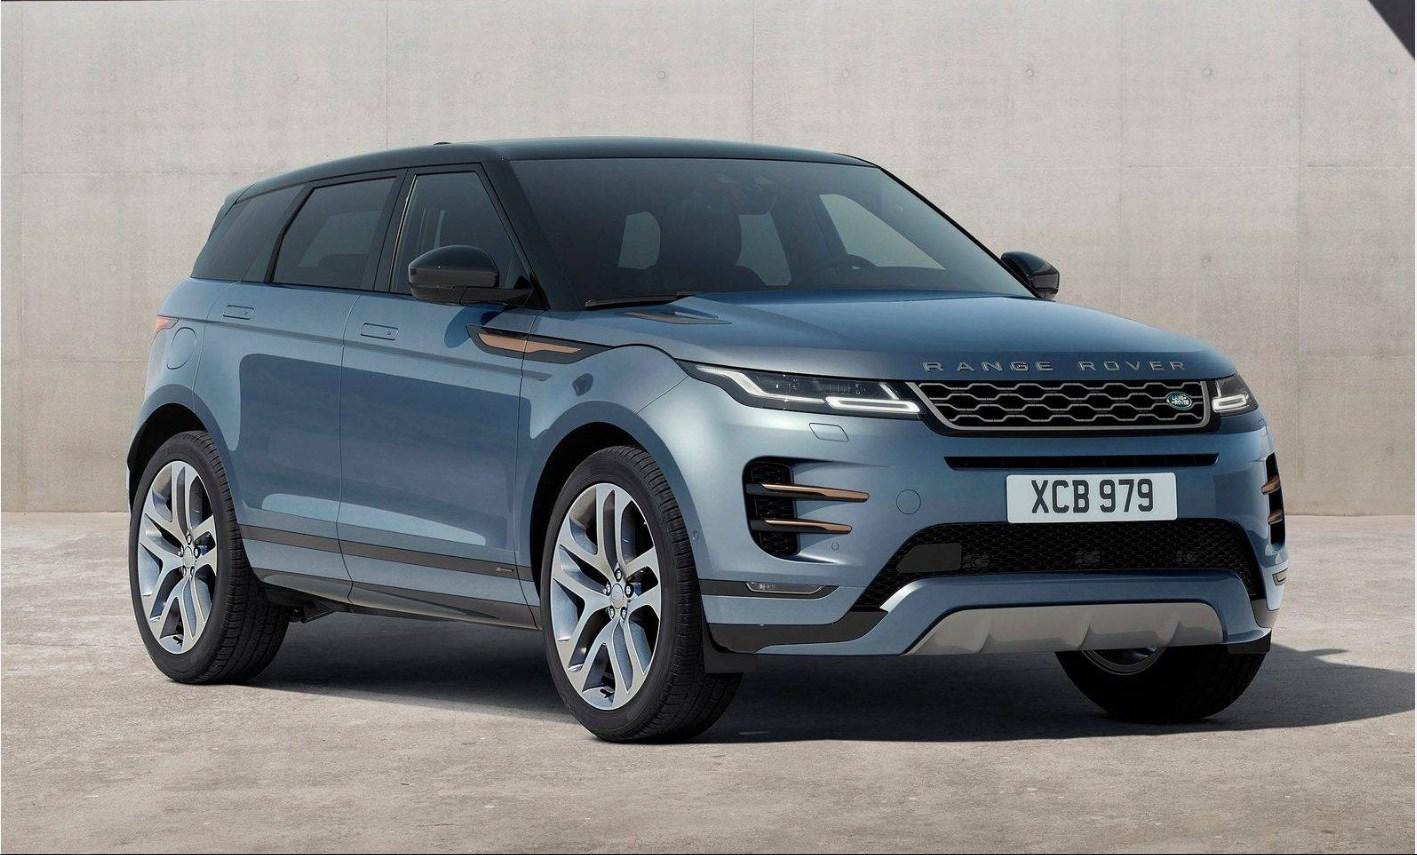 Land Rover desvenda o novo Range Rover Evoque